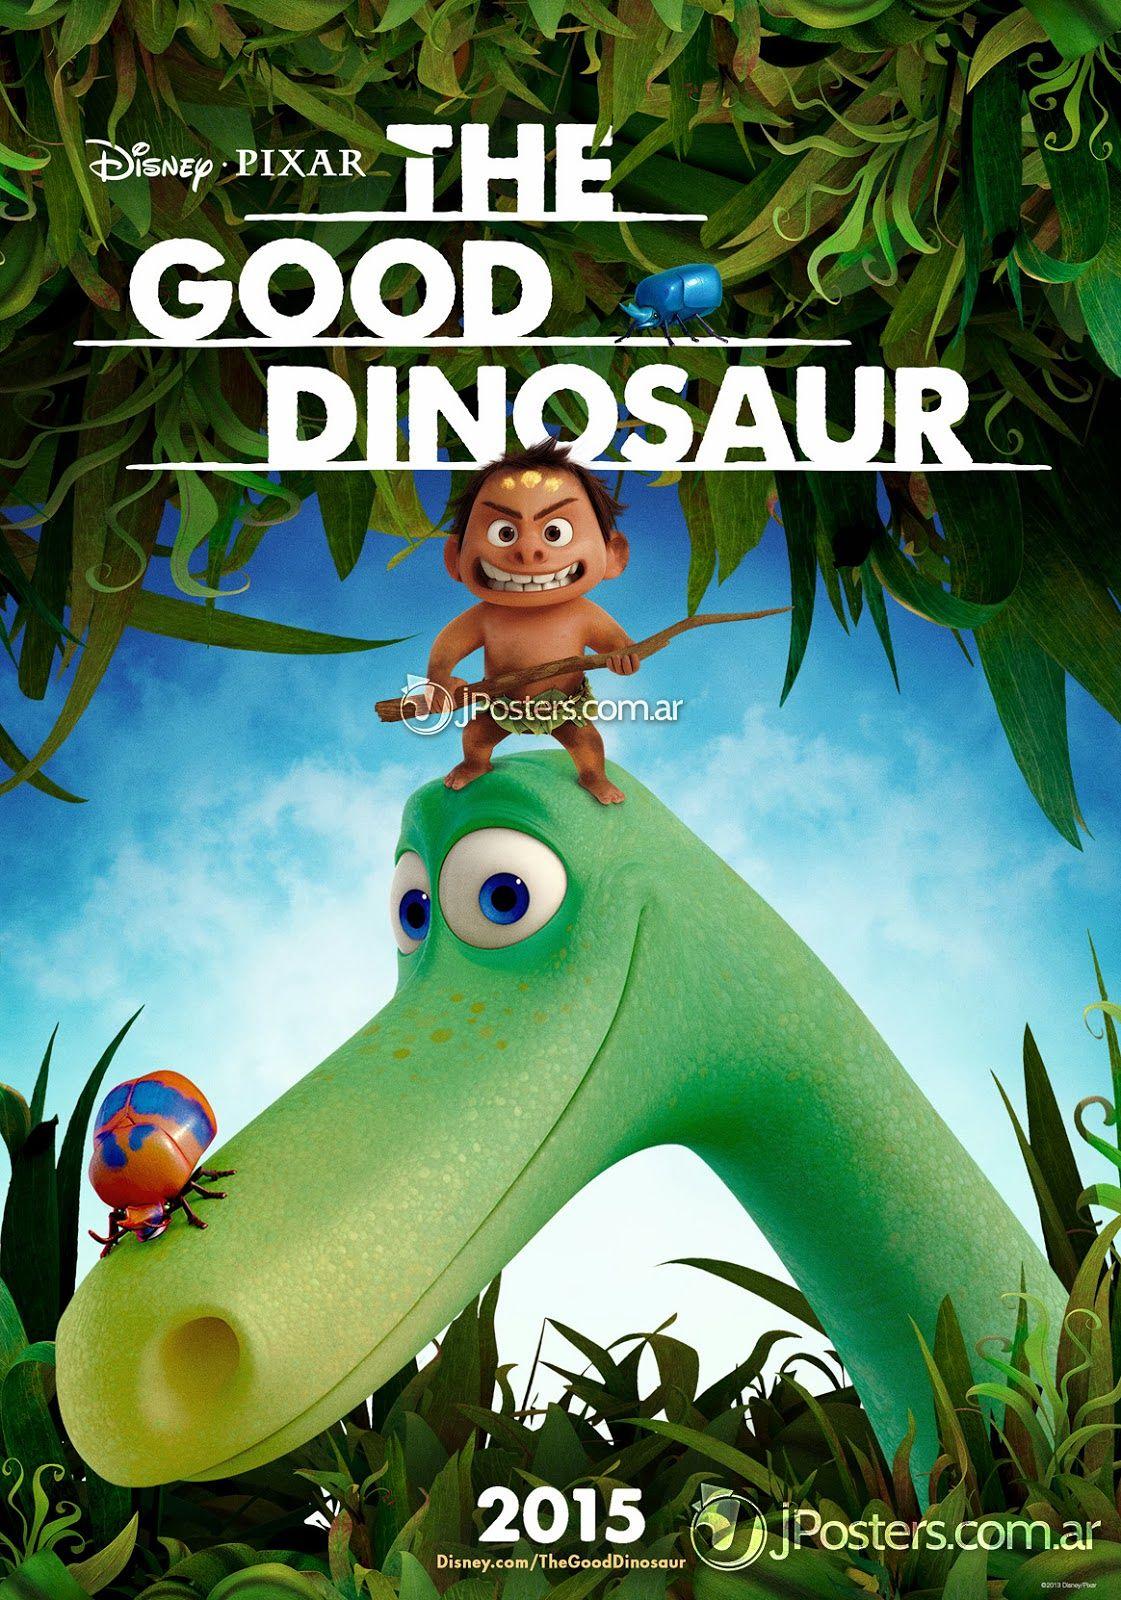 [ZOOM V.2] [ชัดระดับ MASTER] THE GOOD DINOSAUR (2015) ผจญภัยไดโนเสาร์เพื่อนรัก [เสียงไทยโรง + อังกฤษ]